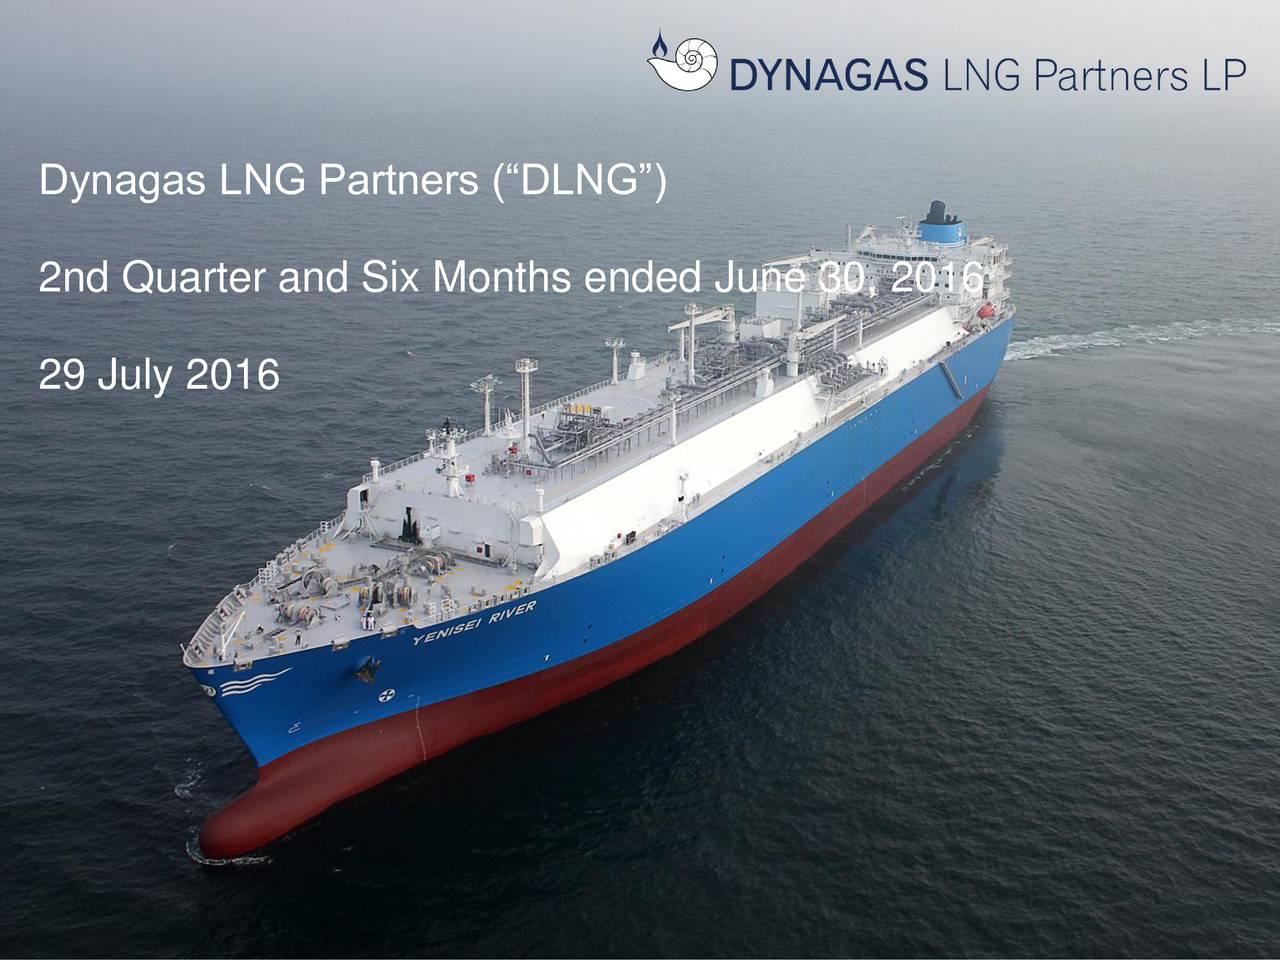 G: 32 Dynagas LNG Partners (DLNG) B: 96 R: 197 2nd Quarter and Six Months ended June 30, 2016 G: 217 B: 241 R: 226 29 July 2016 G: 107 B: 10 R: 83 G: 141 B: 213 R: 96 G: 73 B: 122 R: 191 G: 191 B: 191